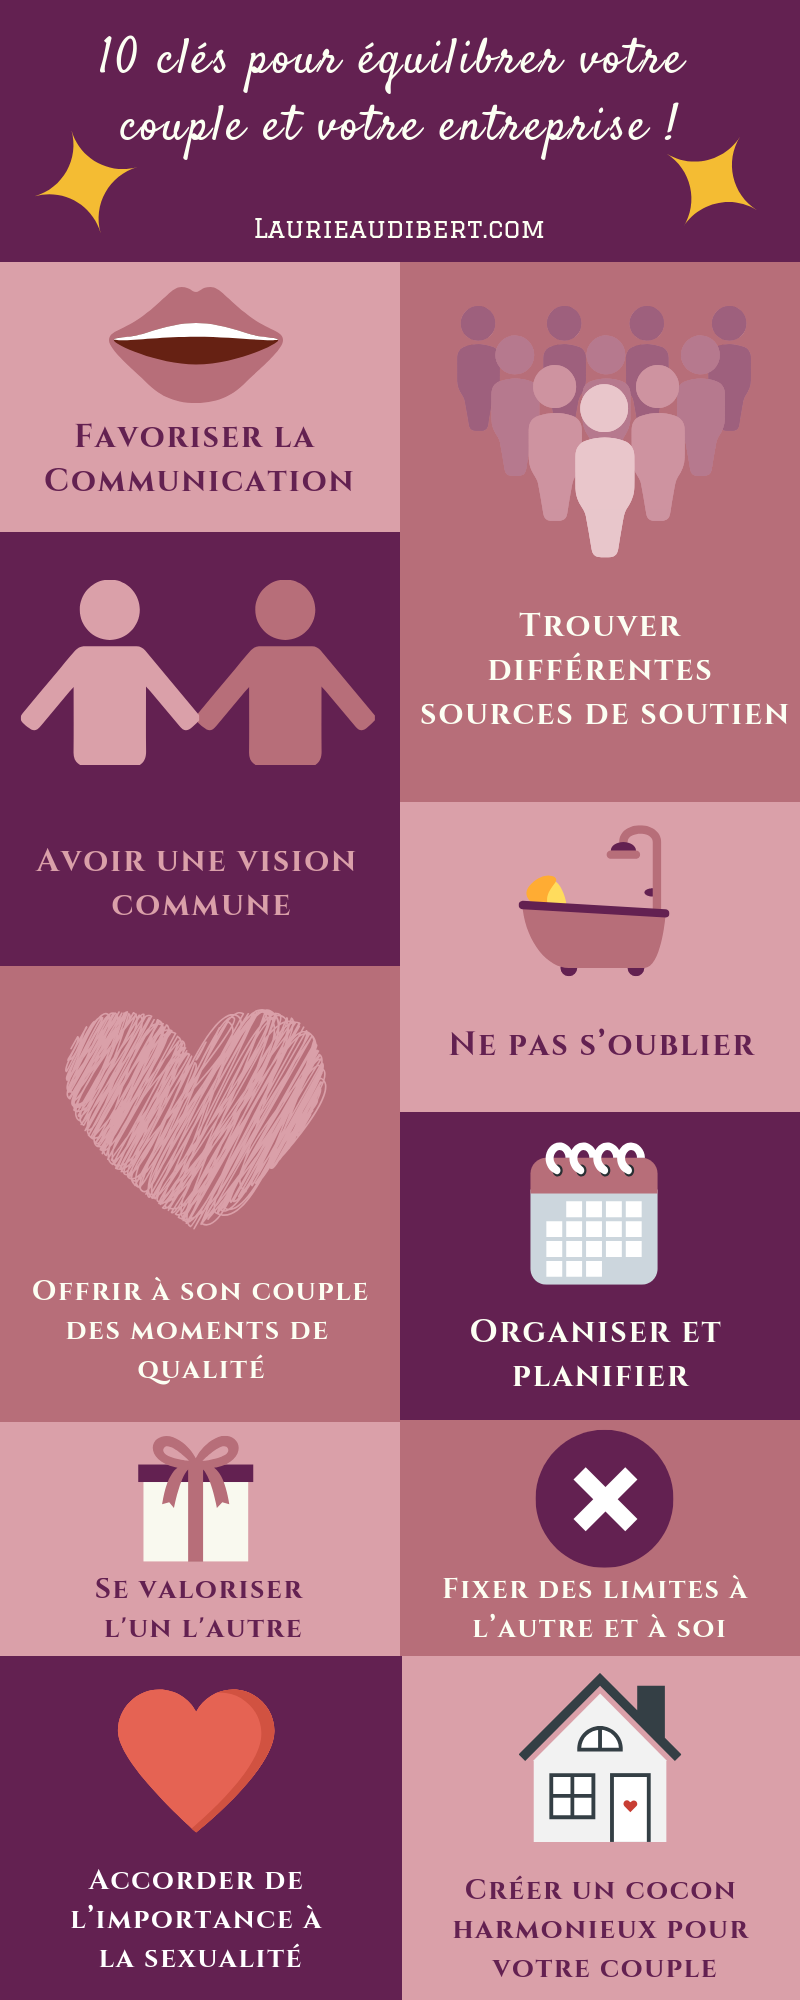 10 Cles Pour Equilibrer Votre Couple Et Votre Entreprise Laurie Audibert Coach Holistique Pour Entrepreneuses Couple Entrepreneuriat Entreprise